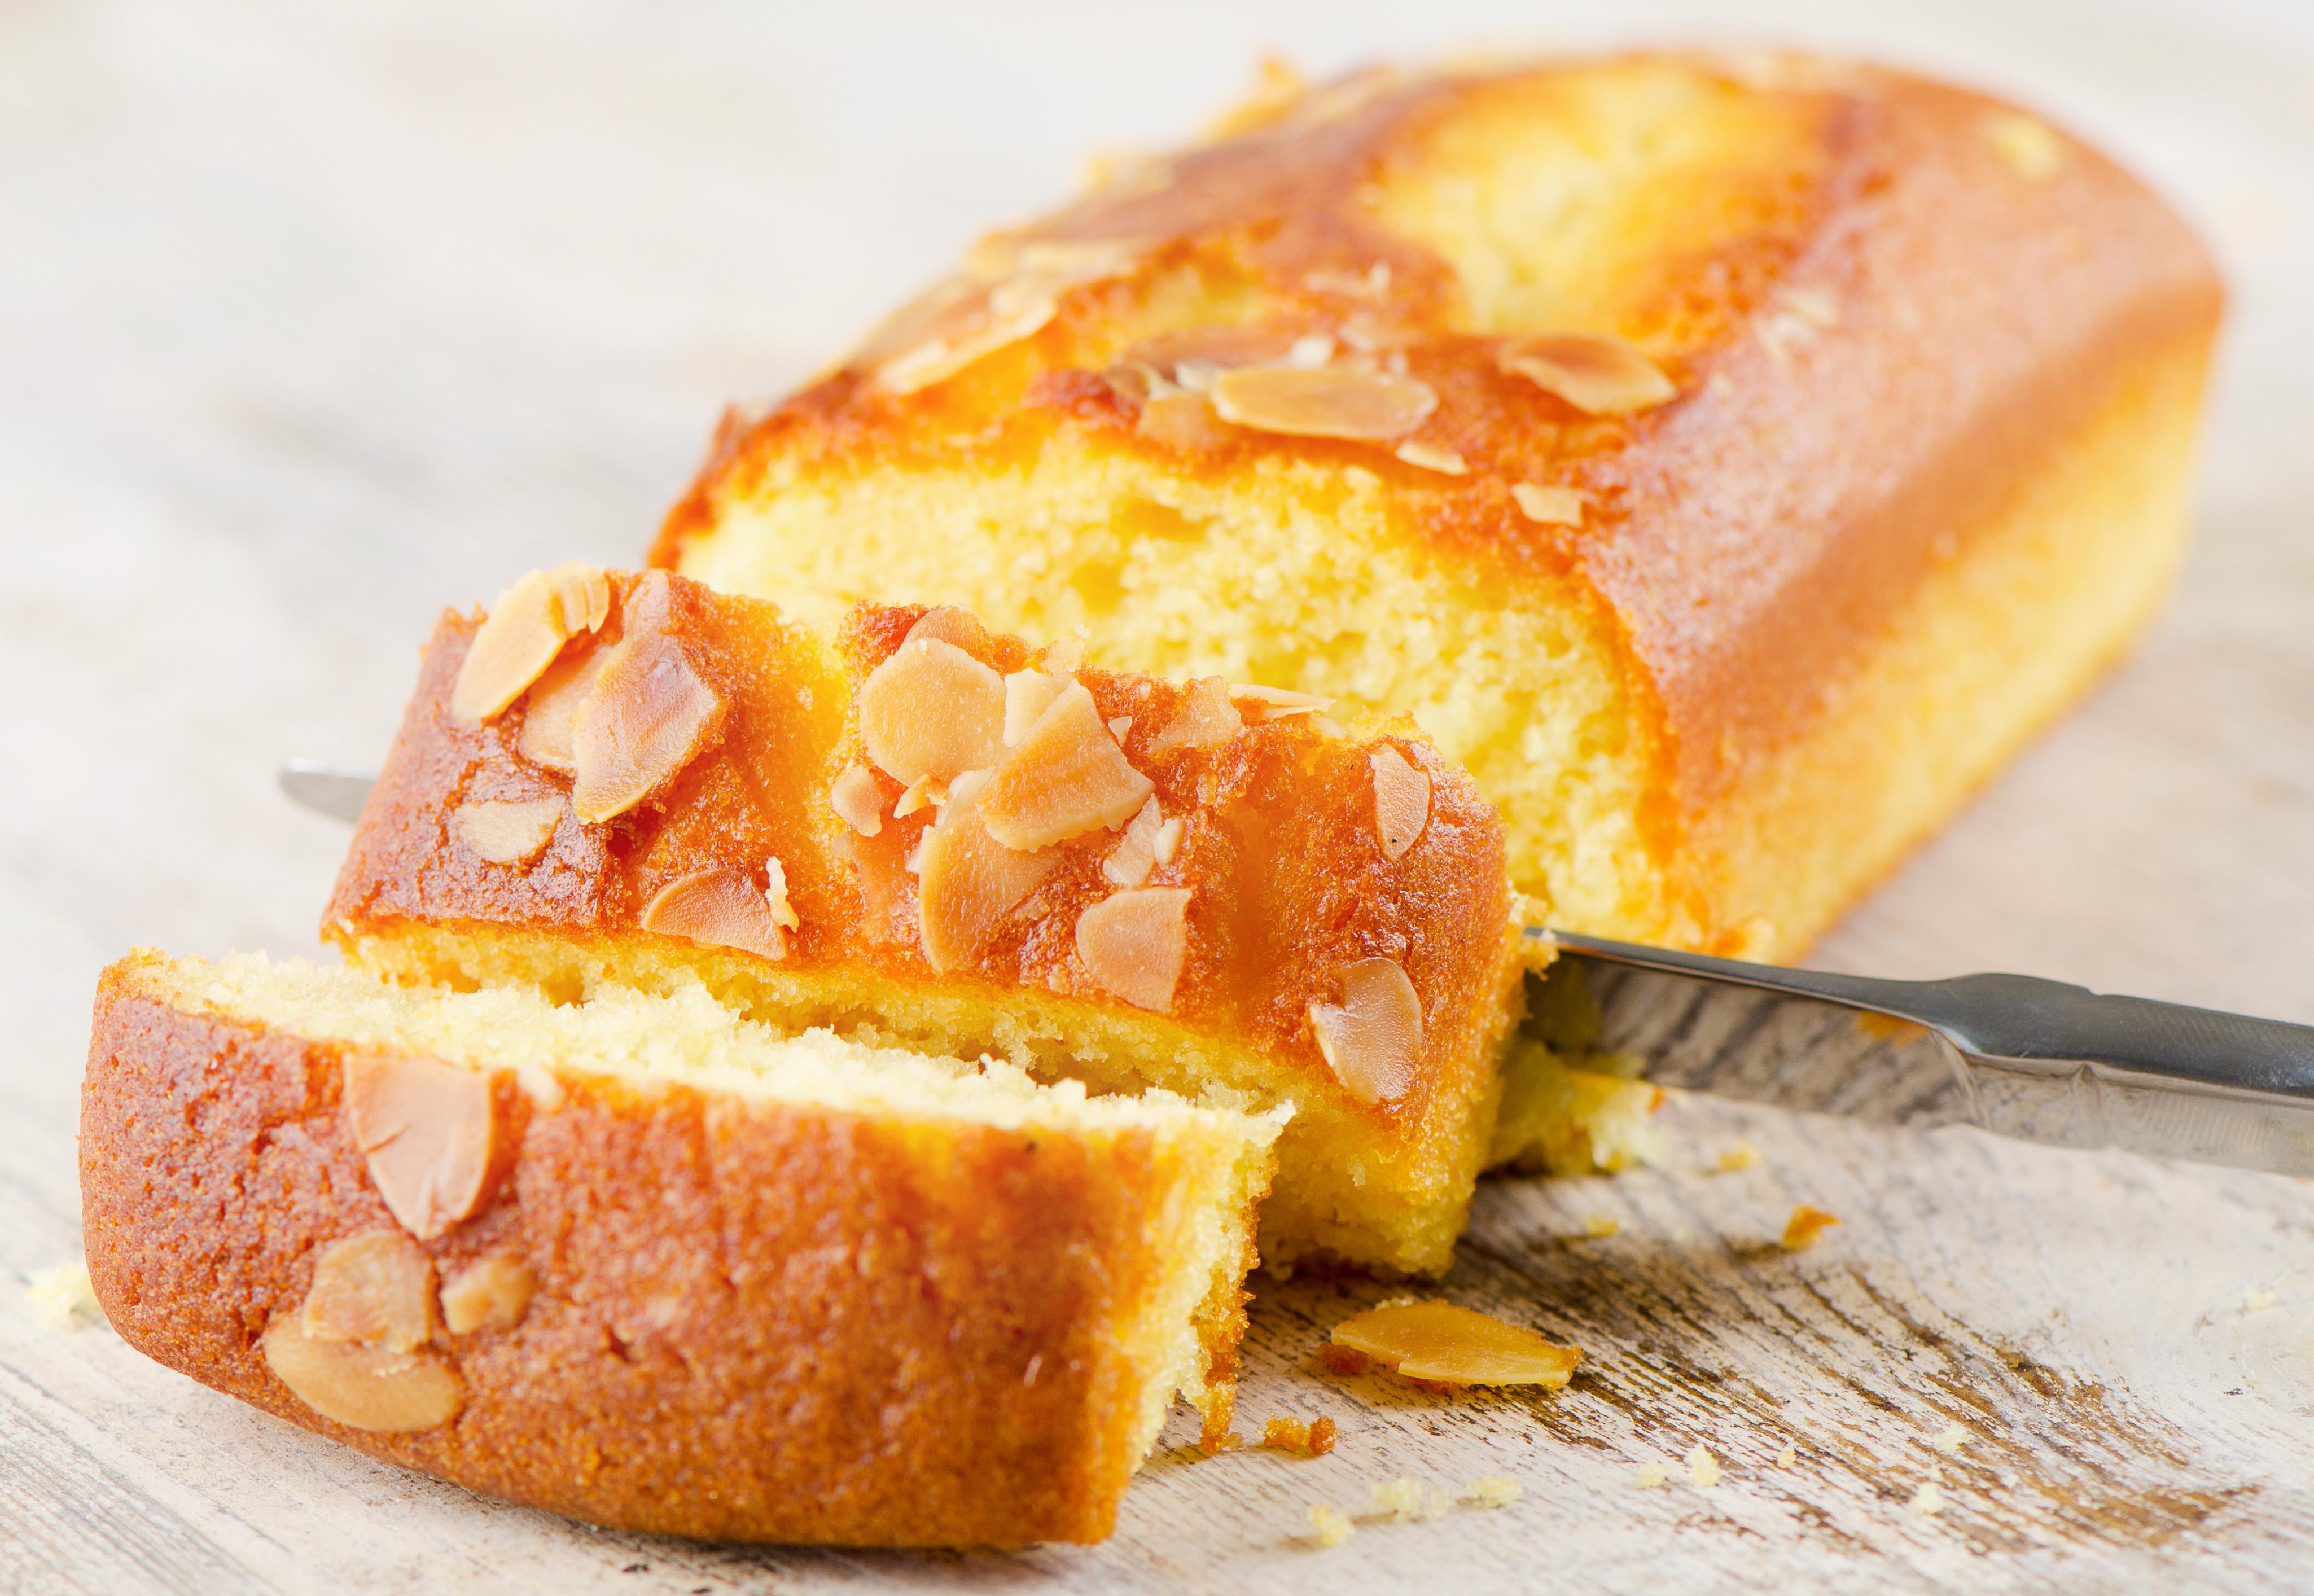 Le pain de Gênes